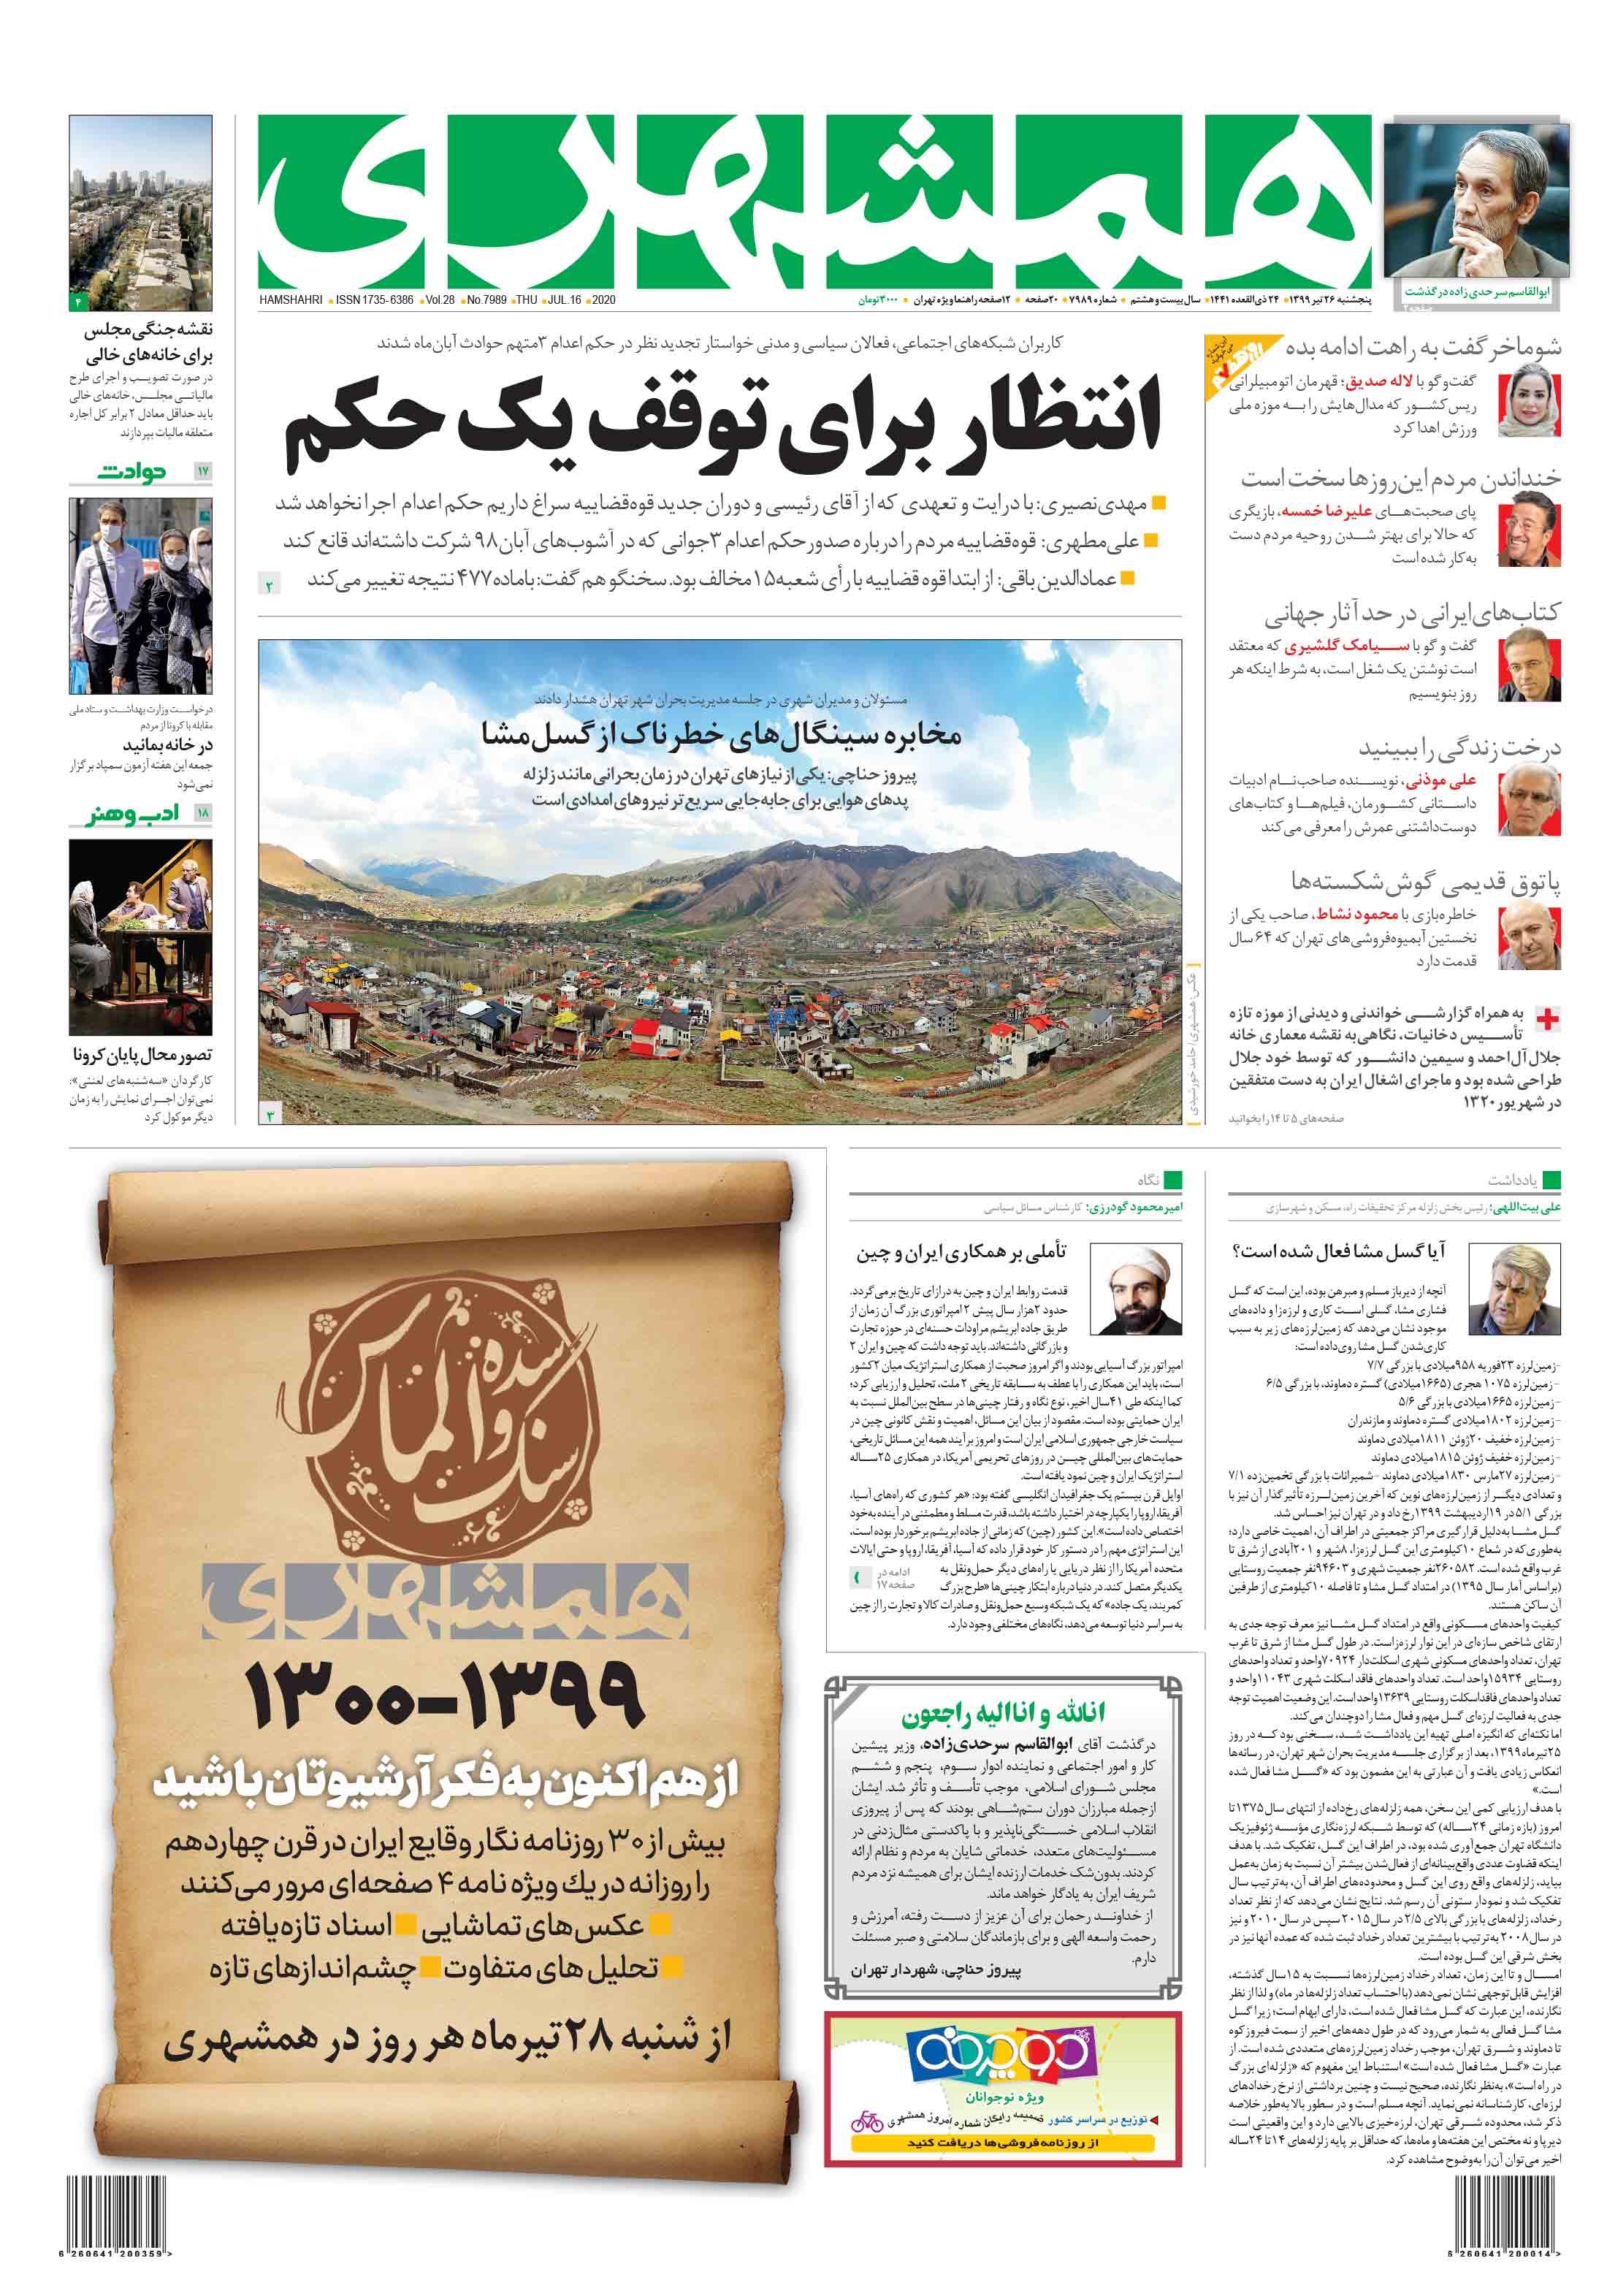 صفحه اول پنجشنبه 26 تیر 1399